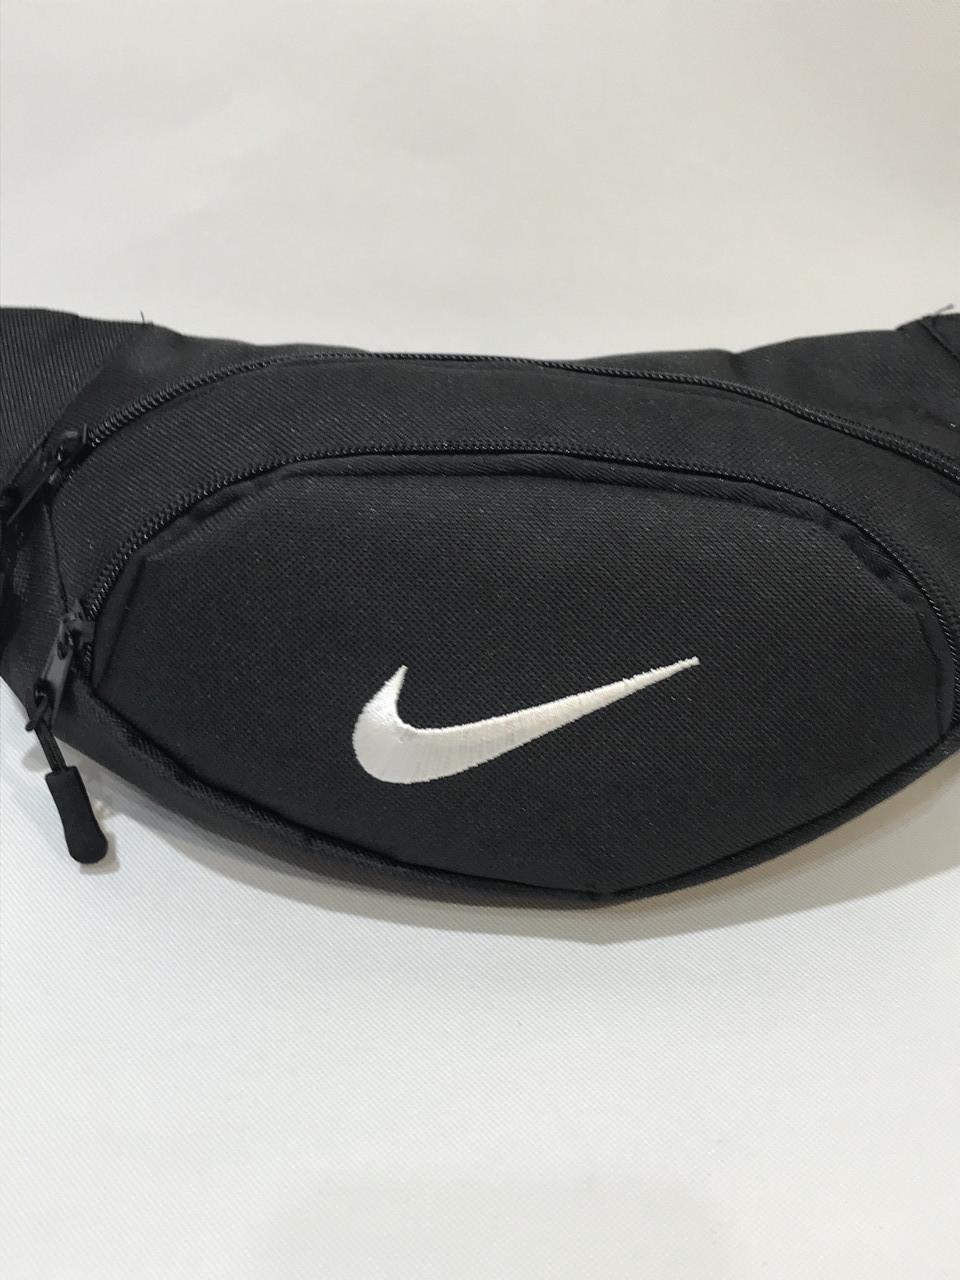 Поясная сумка  Nike / реплика черная